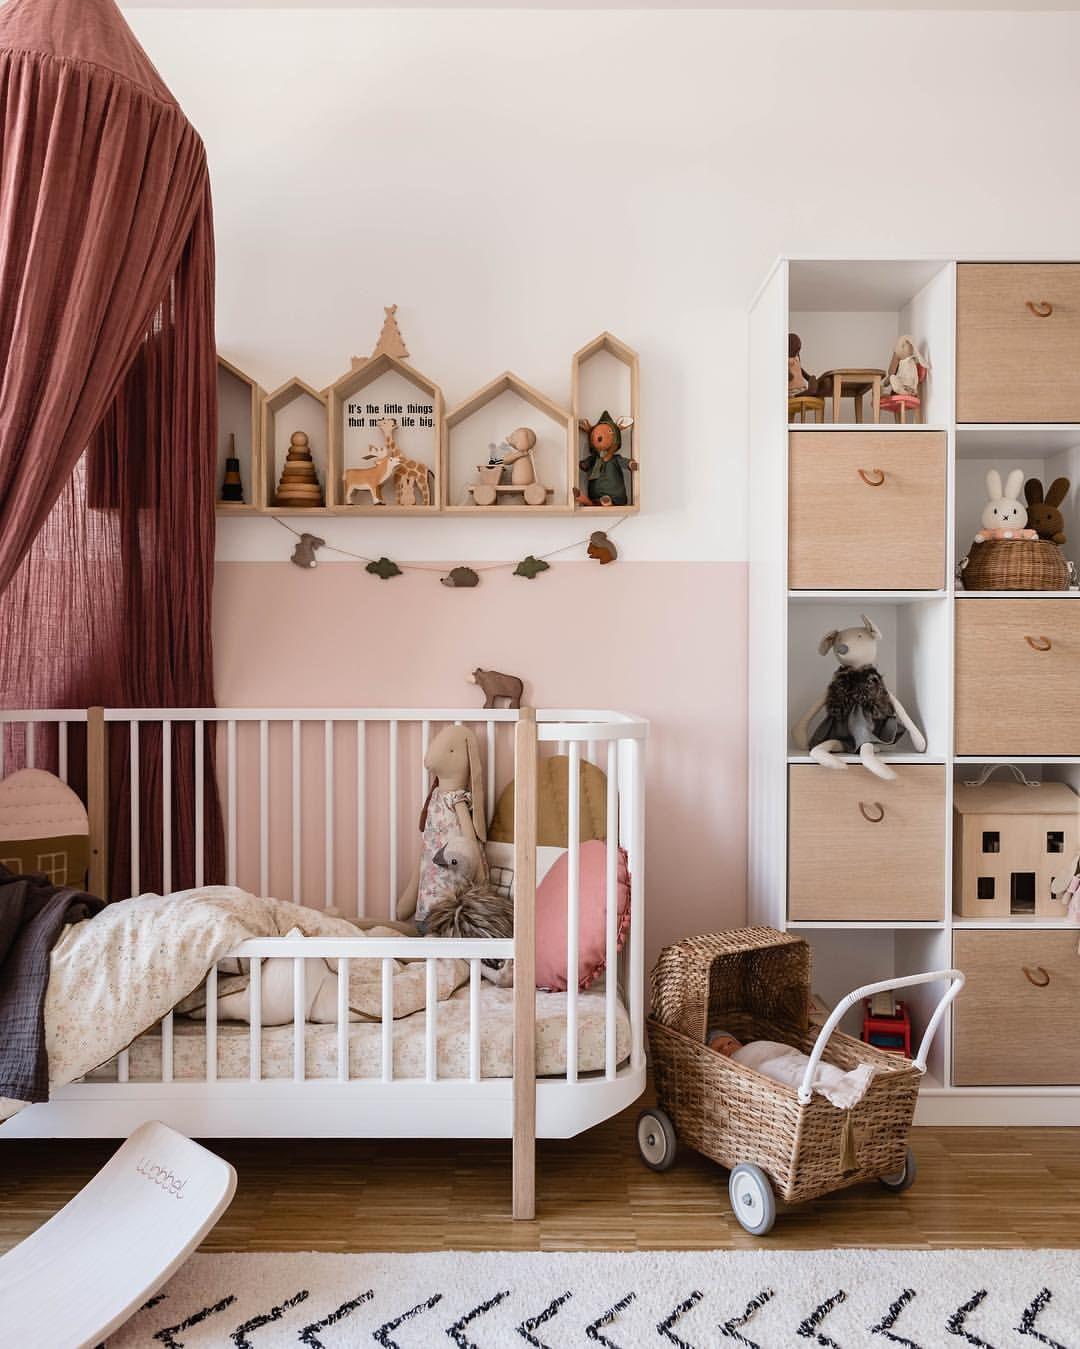 Gute Nacht aus dem Kinderzimmer ⭐️ kinderzimmer